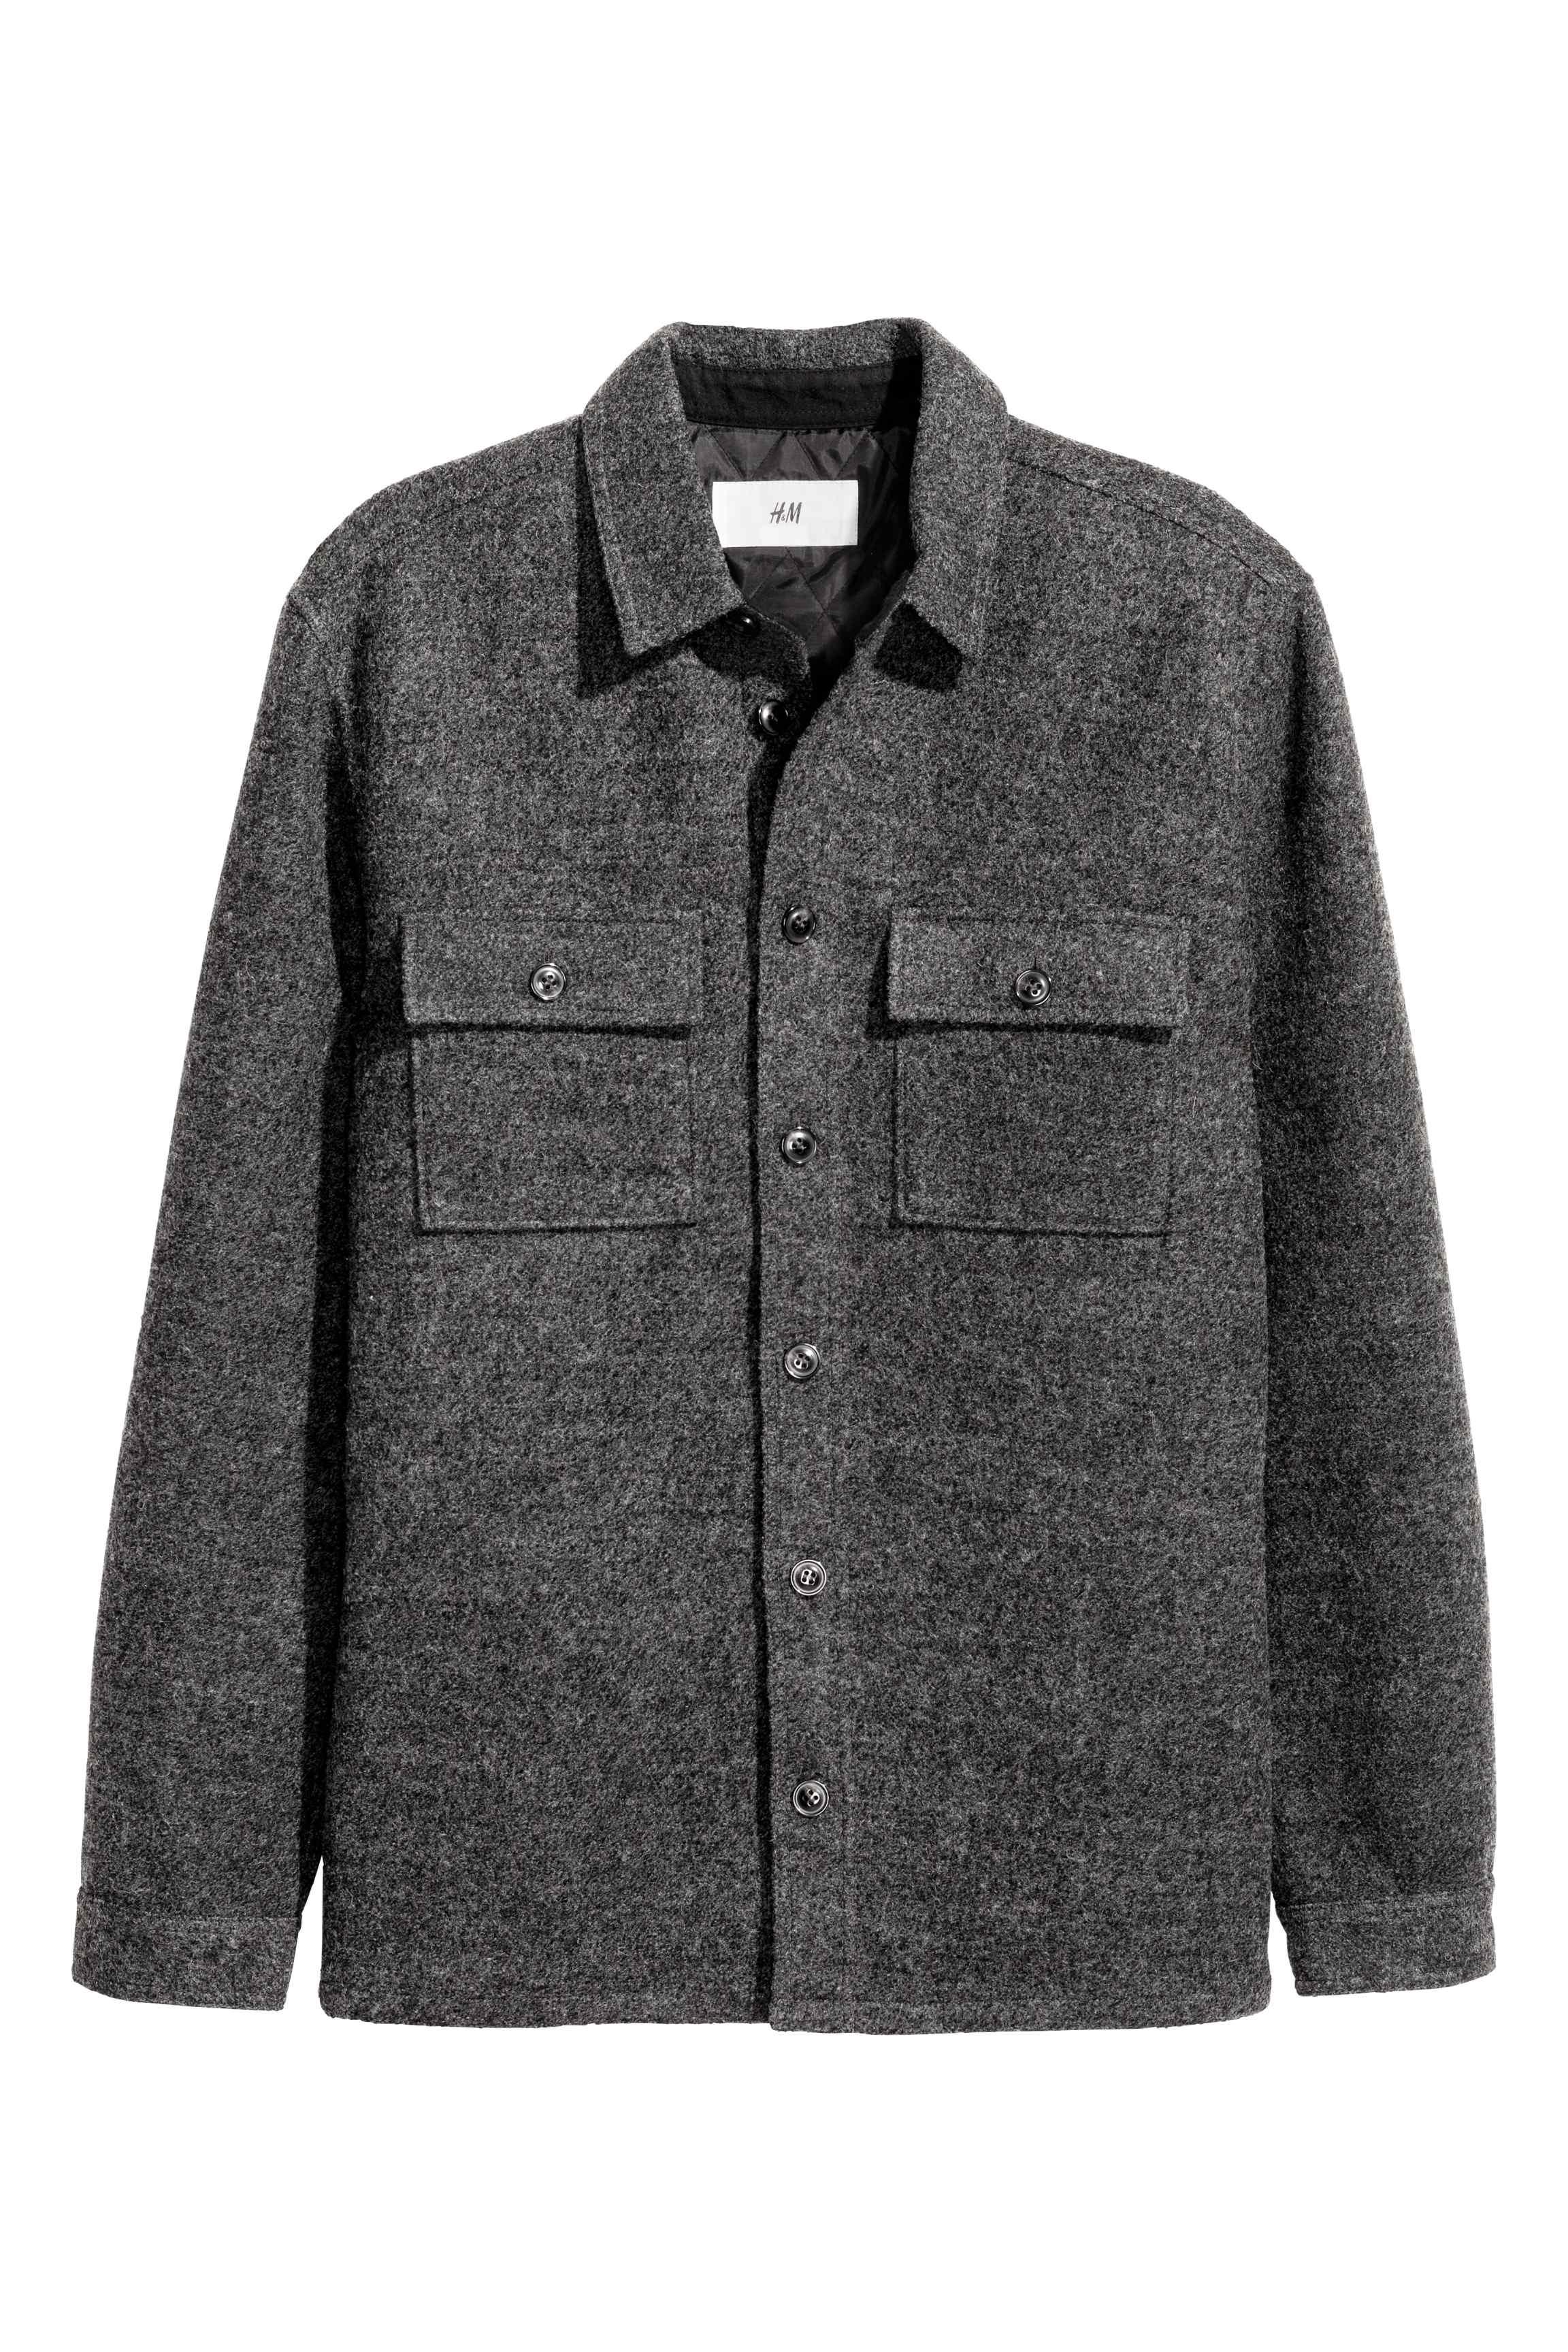 Wool-blend shirt jacket, £29.99 ( hm.com )